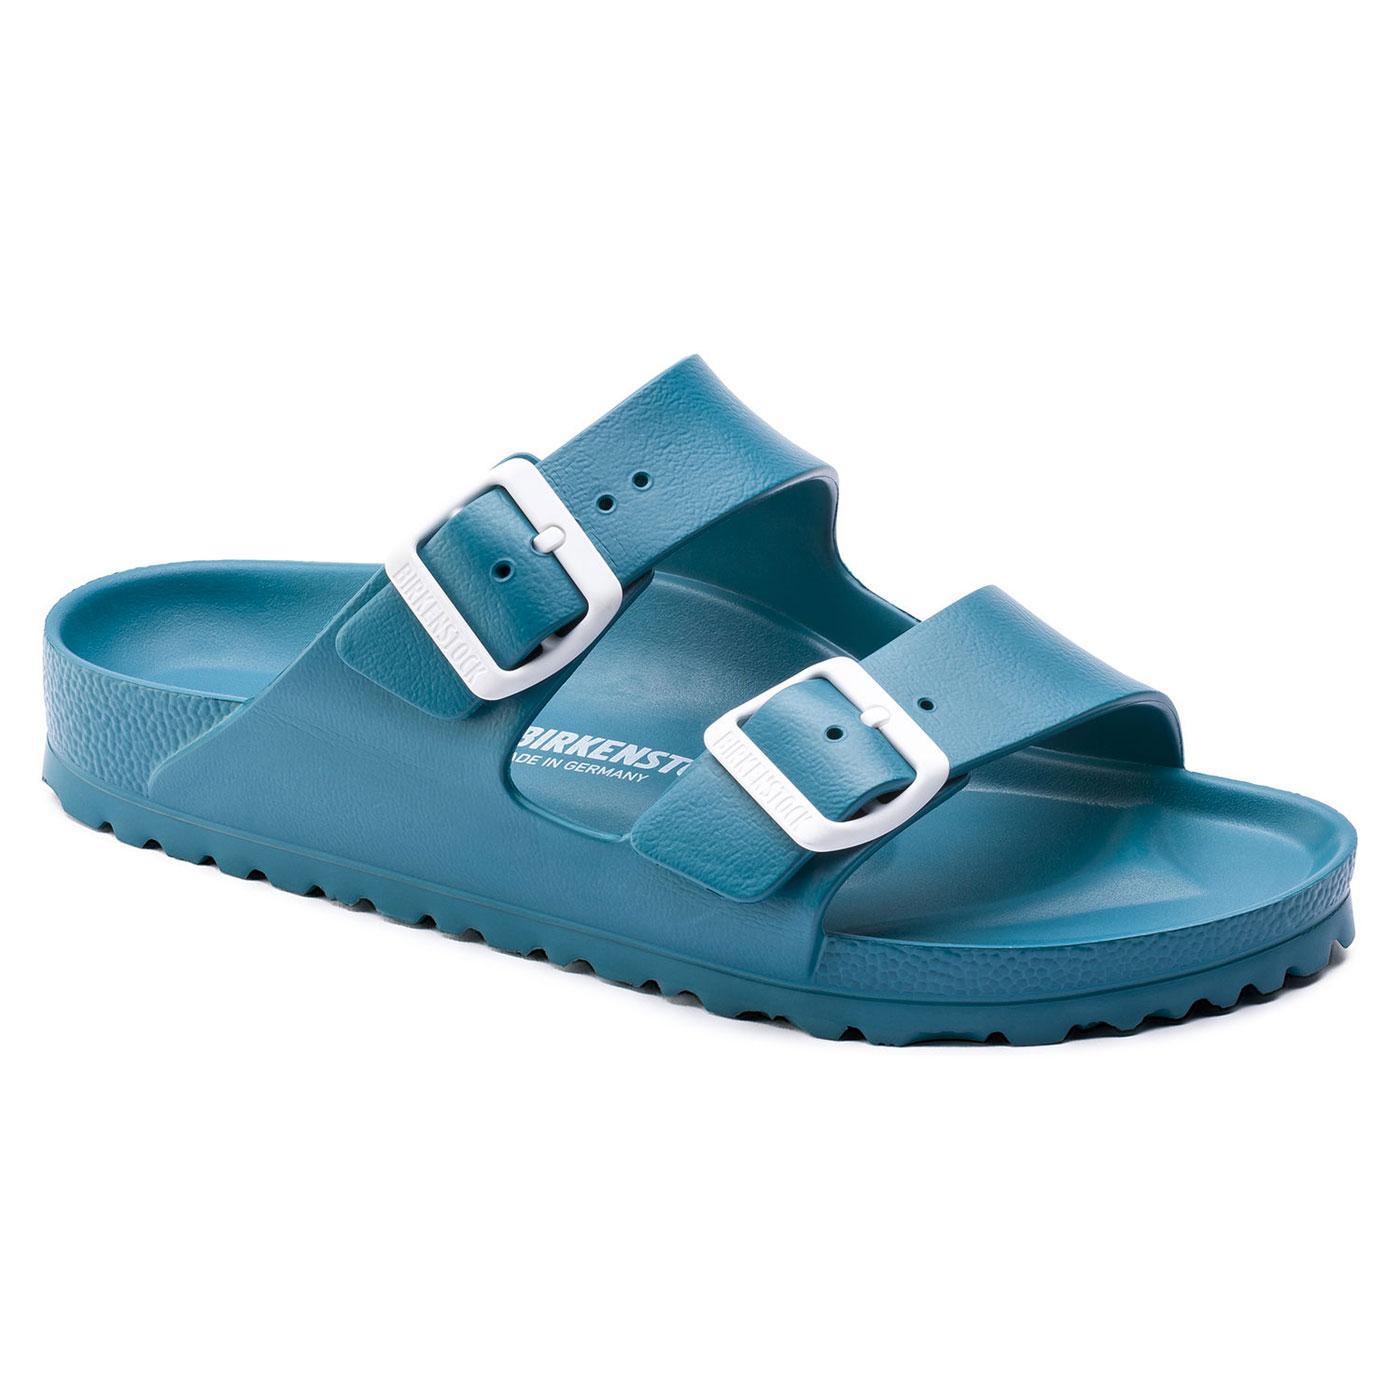 Arizona EVA BIRKENSTOCK Retro Waterproof Sandals T